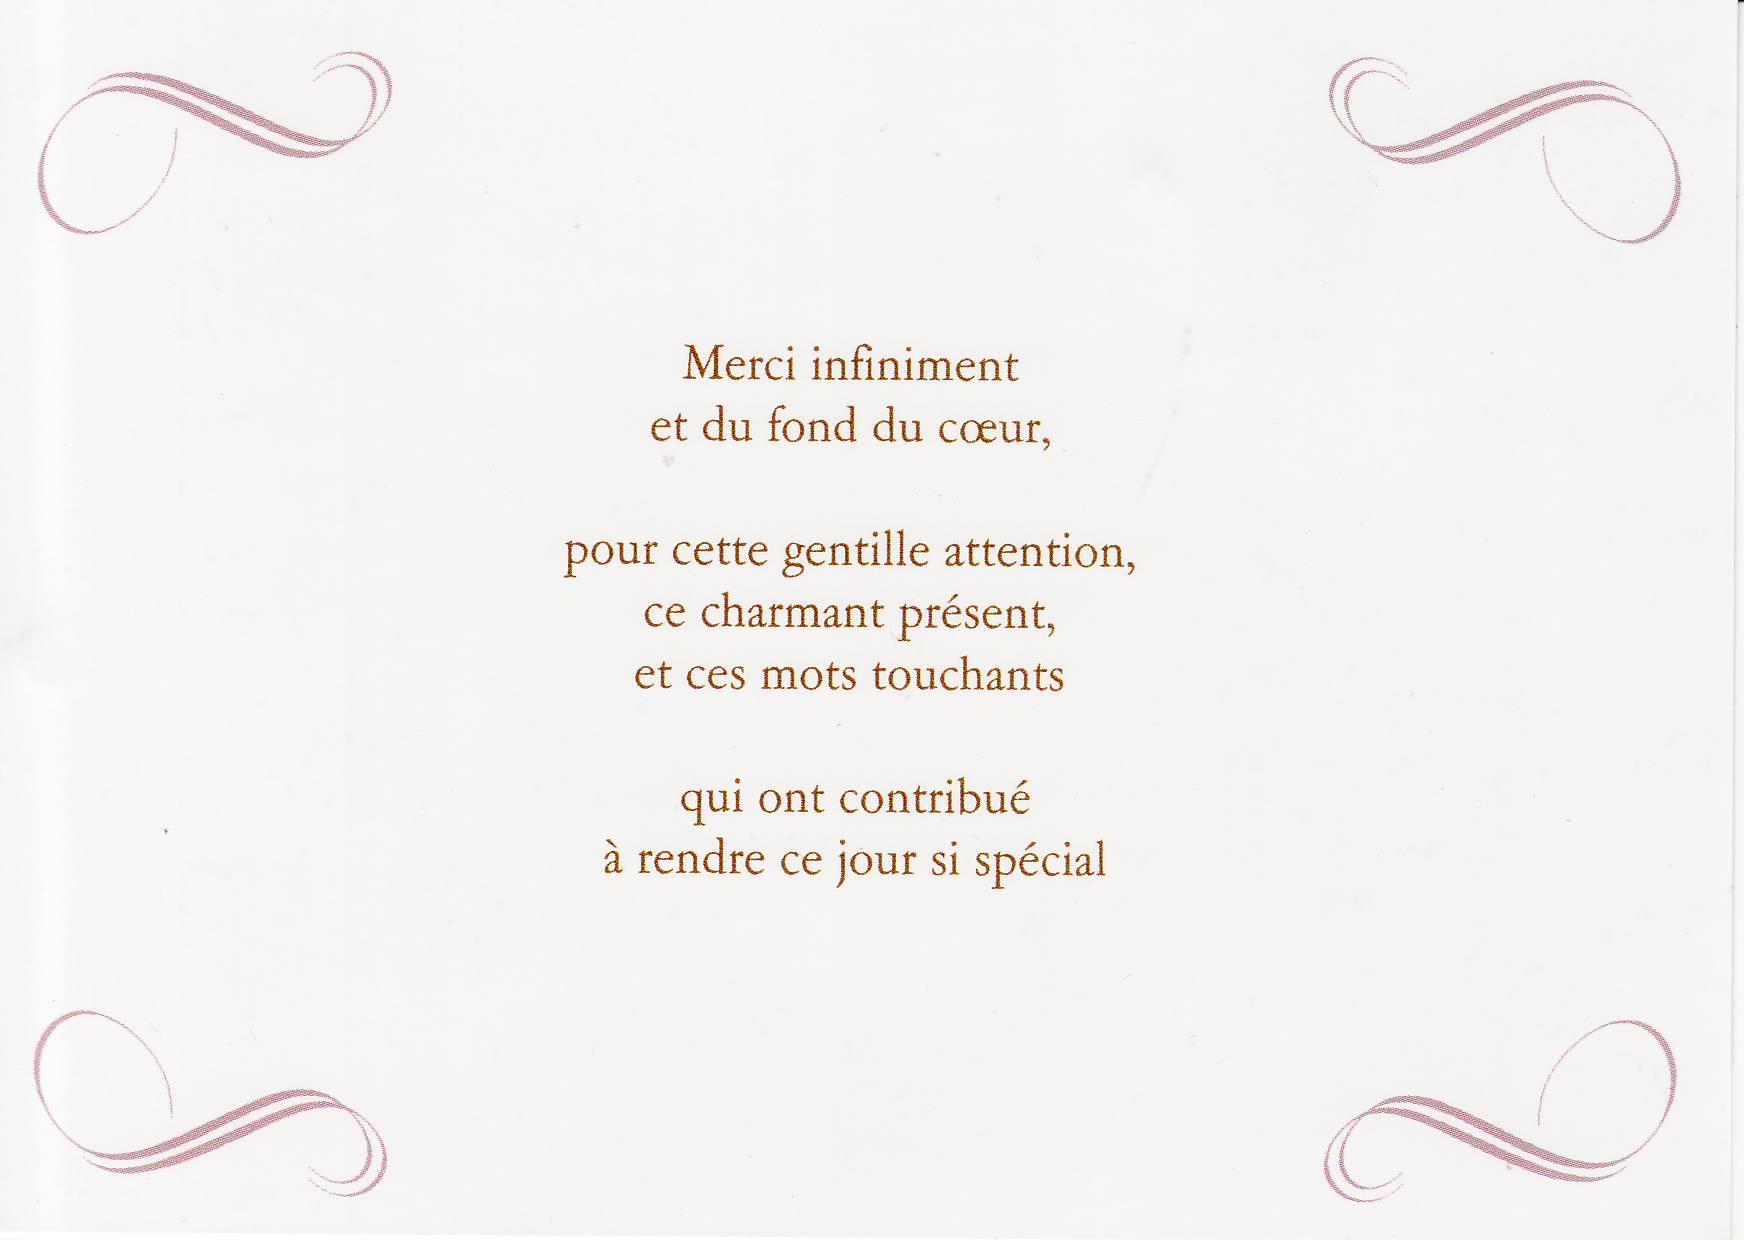 Mariage FOCCIS Jérôme & Sylvie (Cranves-Sales) (25-07-2015) 2